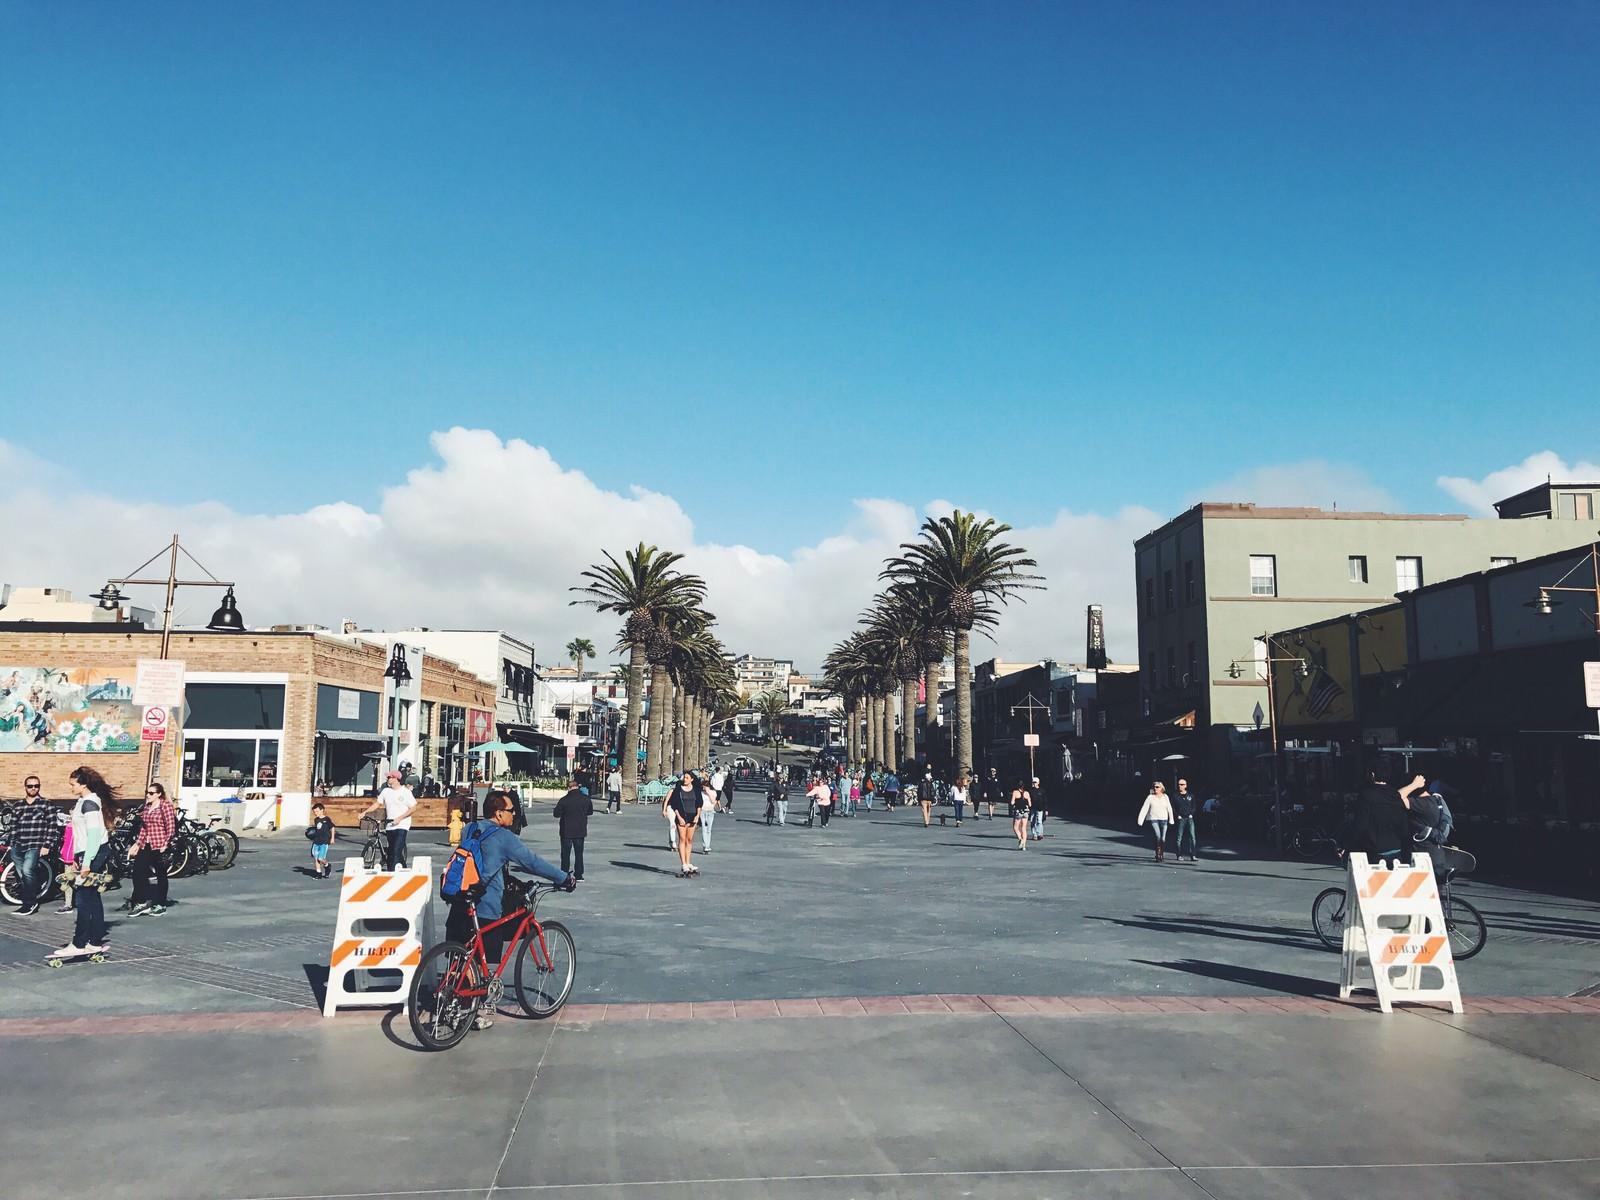 「カリフォルニアのハモサビーチ入口の街並みカリフォルニアのハモサビーチ入口の街並み」のフリー写真素材を拡大